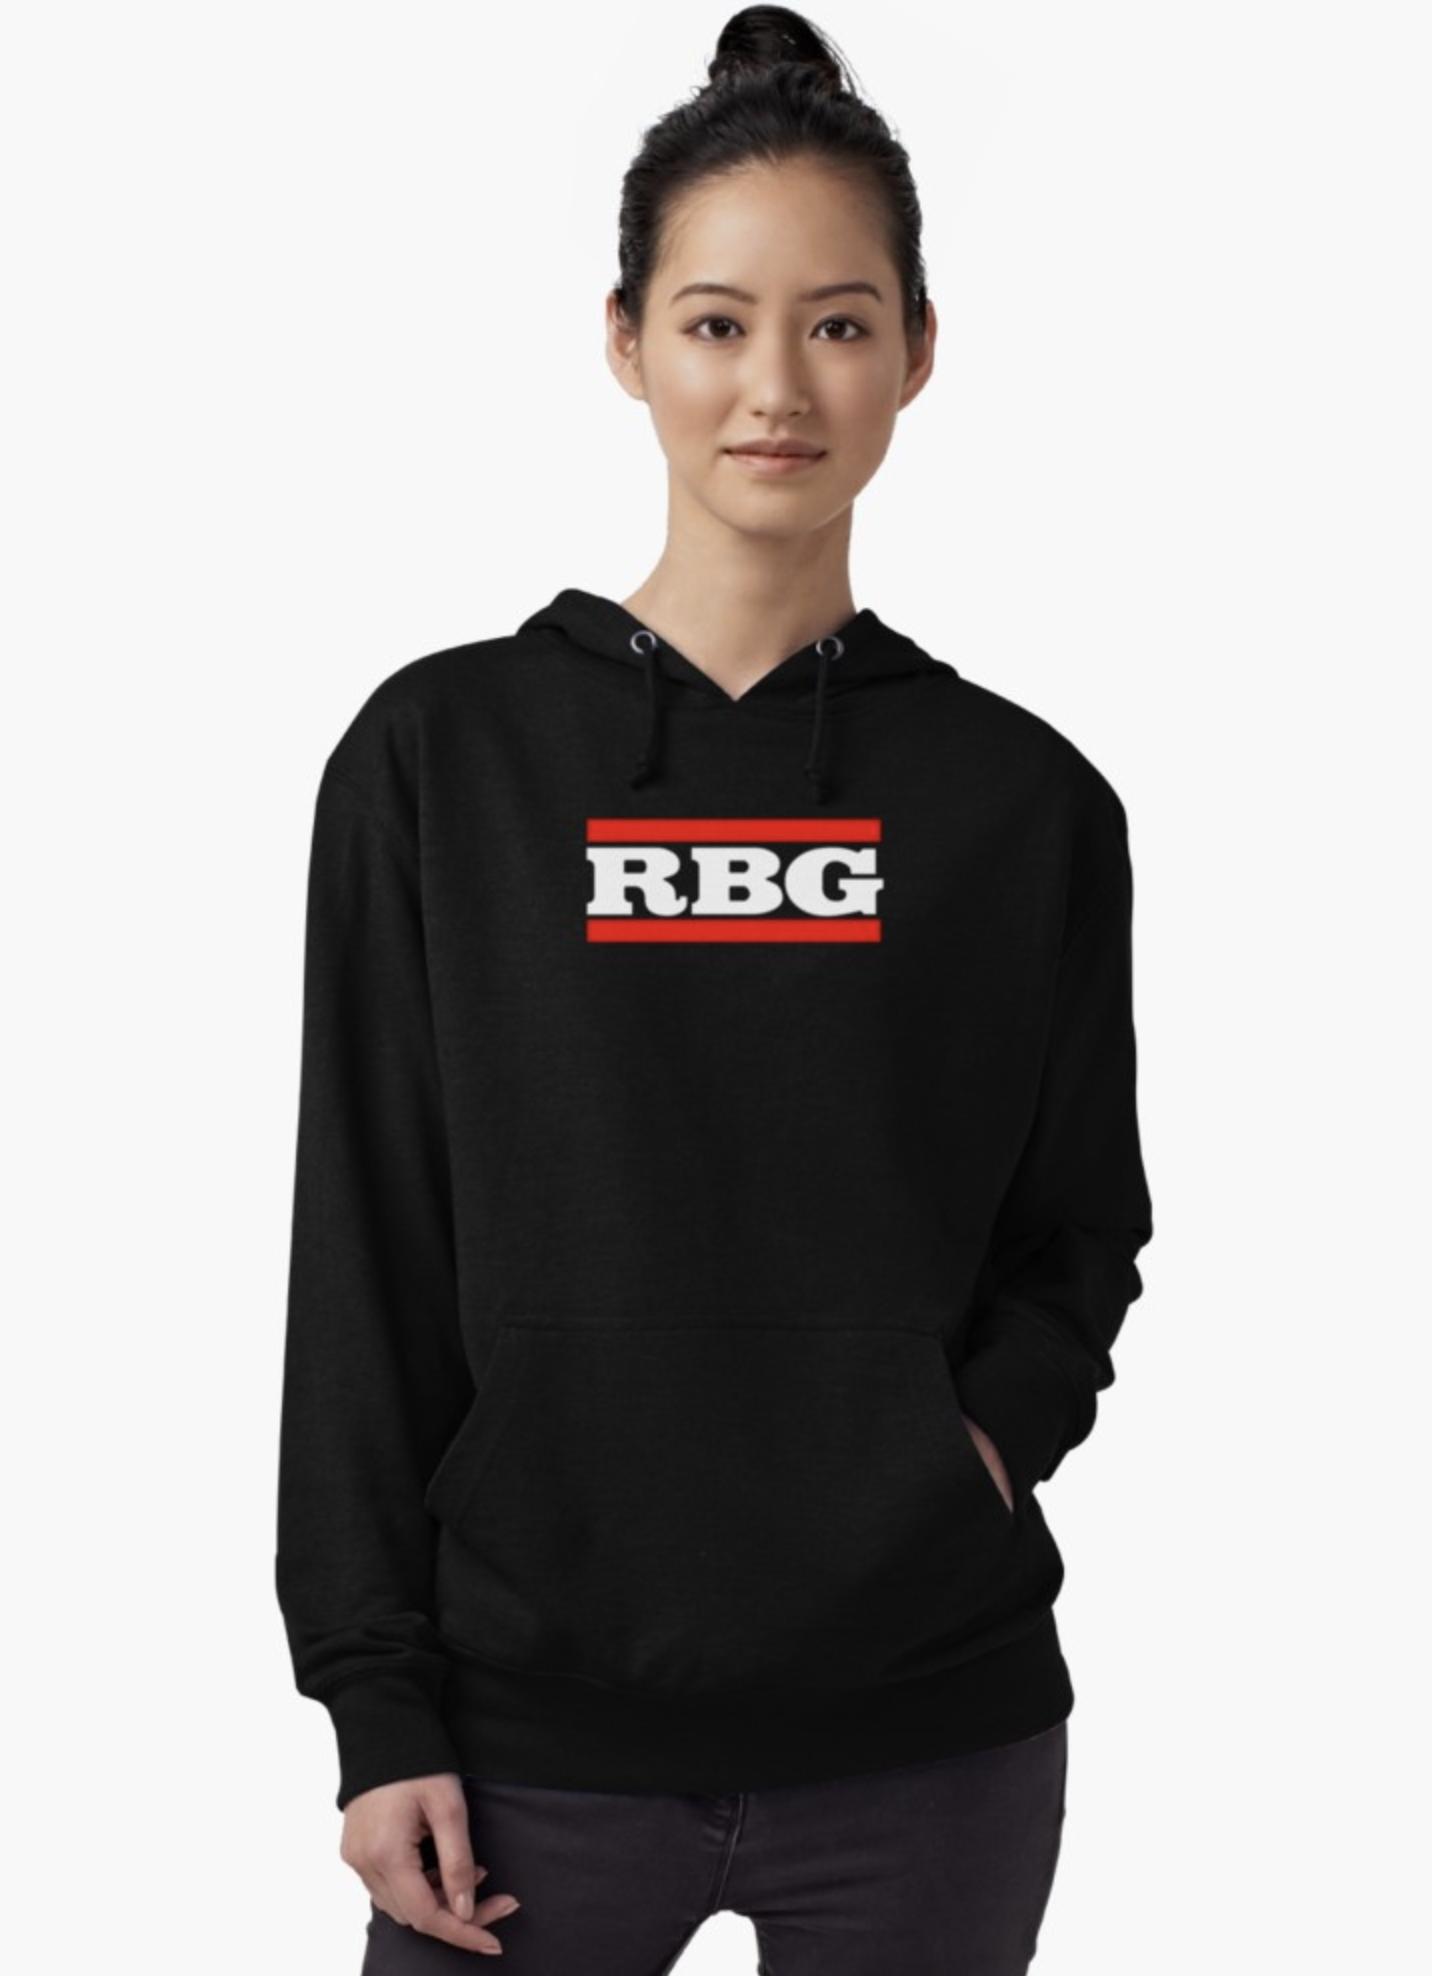 'RBG' Lightweight Hoodie by corbrand Hoodies